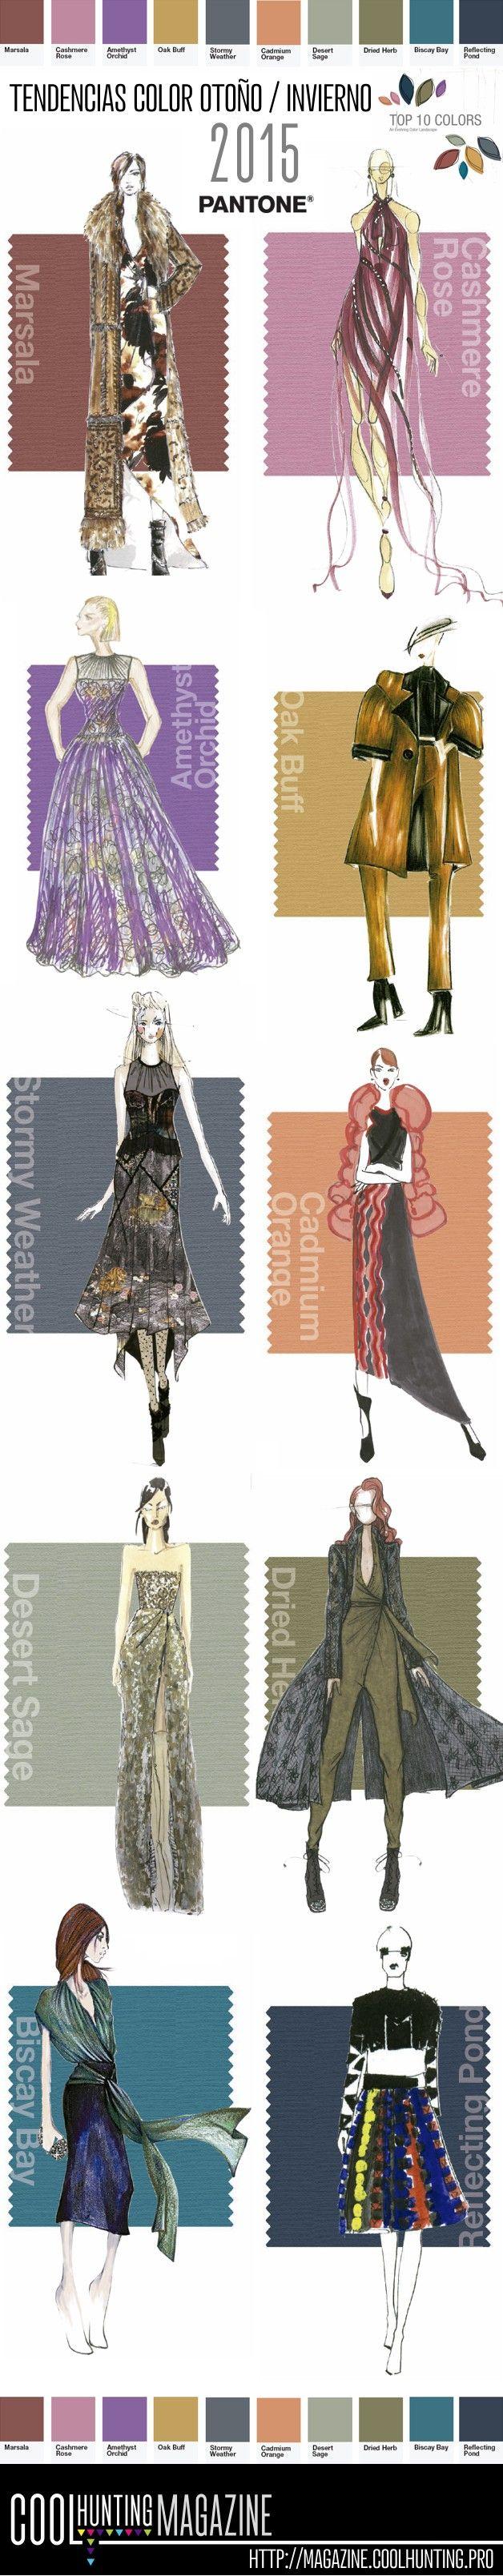 Tendencias Color temporada Otoño/Invierno 2015 mostradas en una selección de figurines de moda #moda #figurines www.figurinesdemoda.com